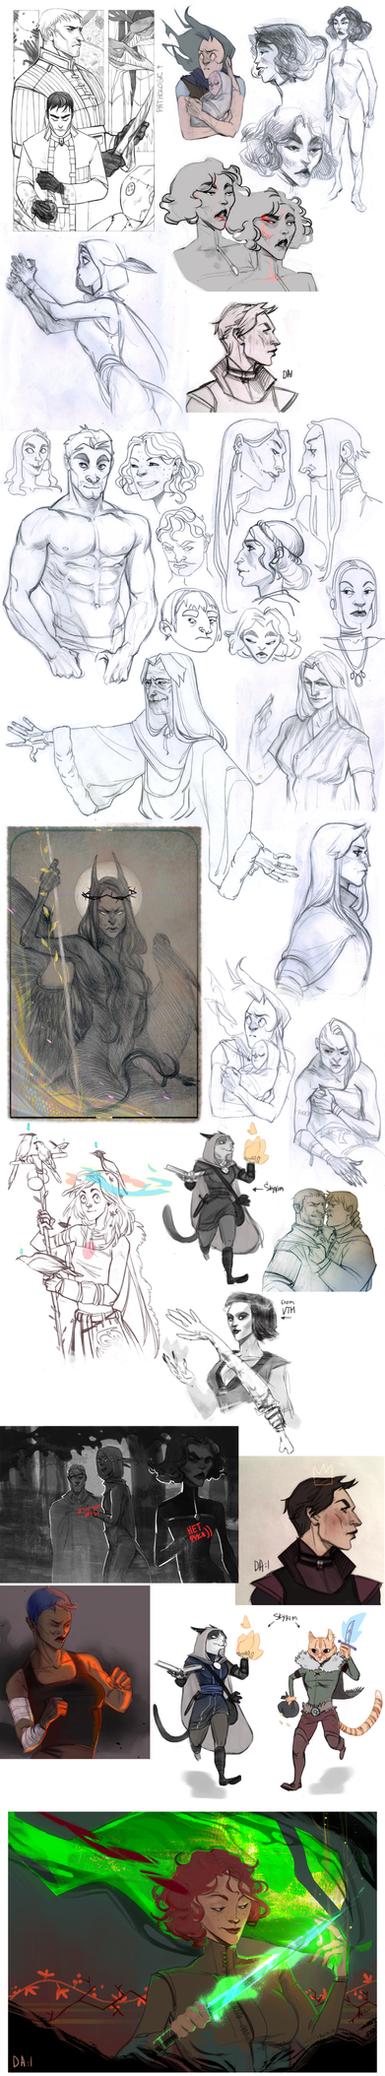 sketchdump 35 by Ne-sy